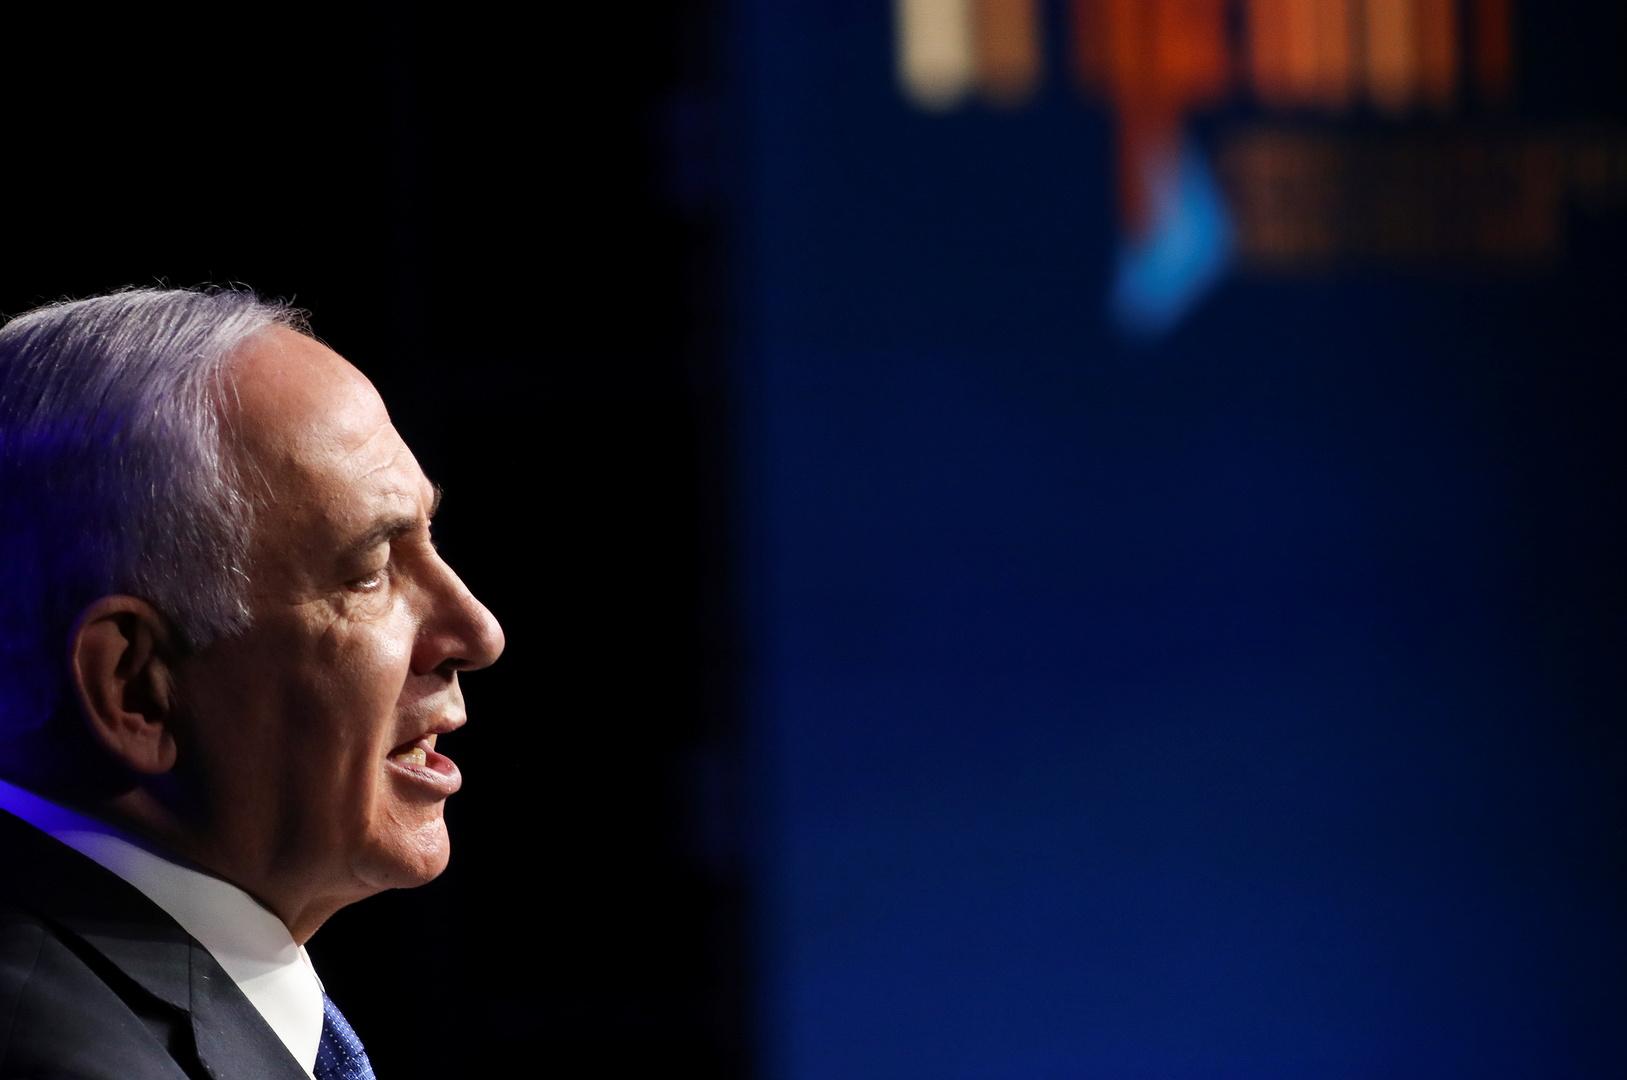 نتنياهو مشككا بأهلية بينيت ولابيد: كيف ستقاومون قيام دولة فلسطينية؟